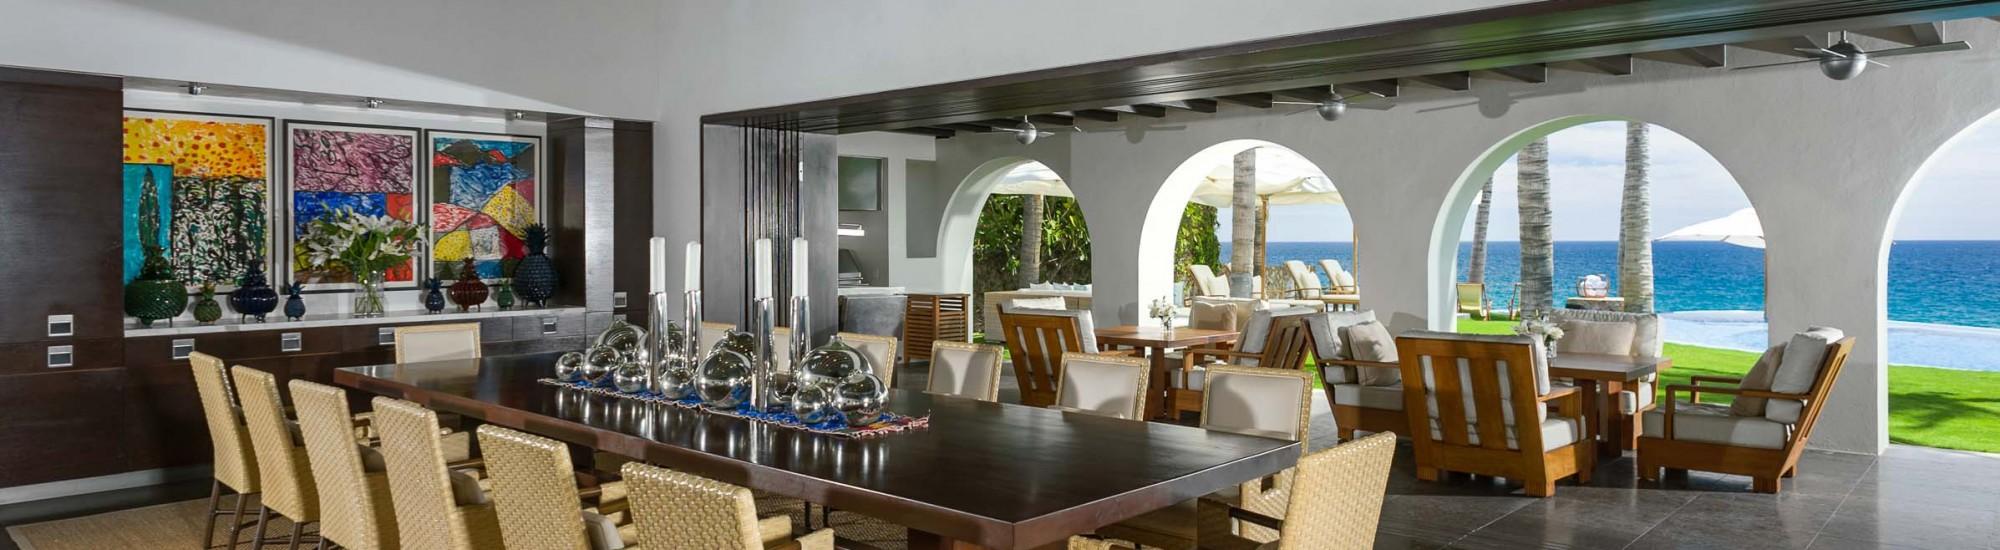 casa oliver dining room